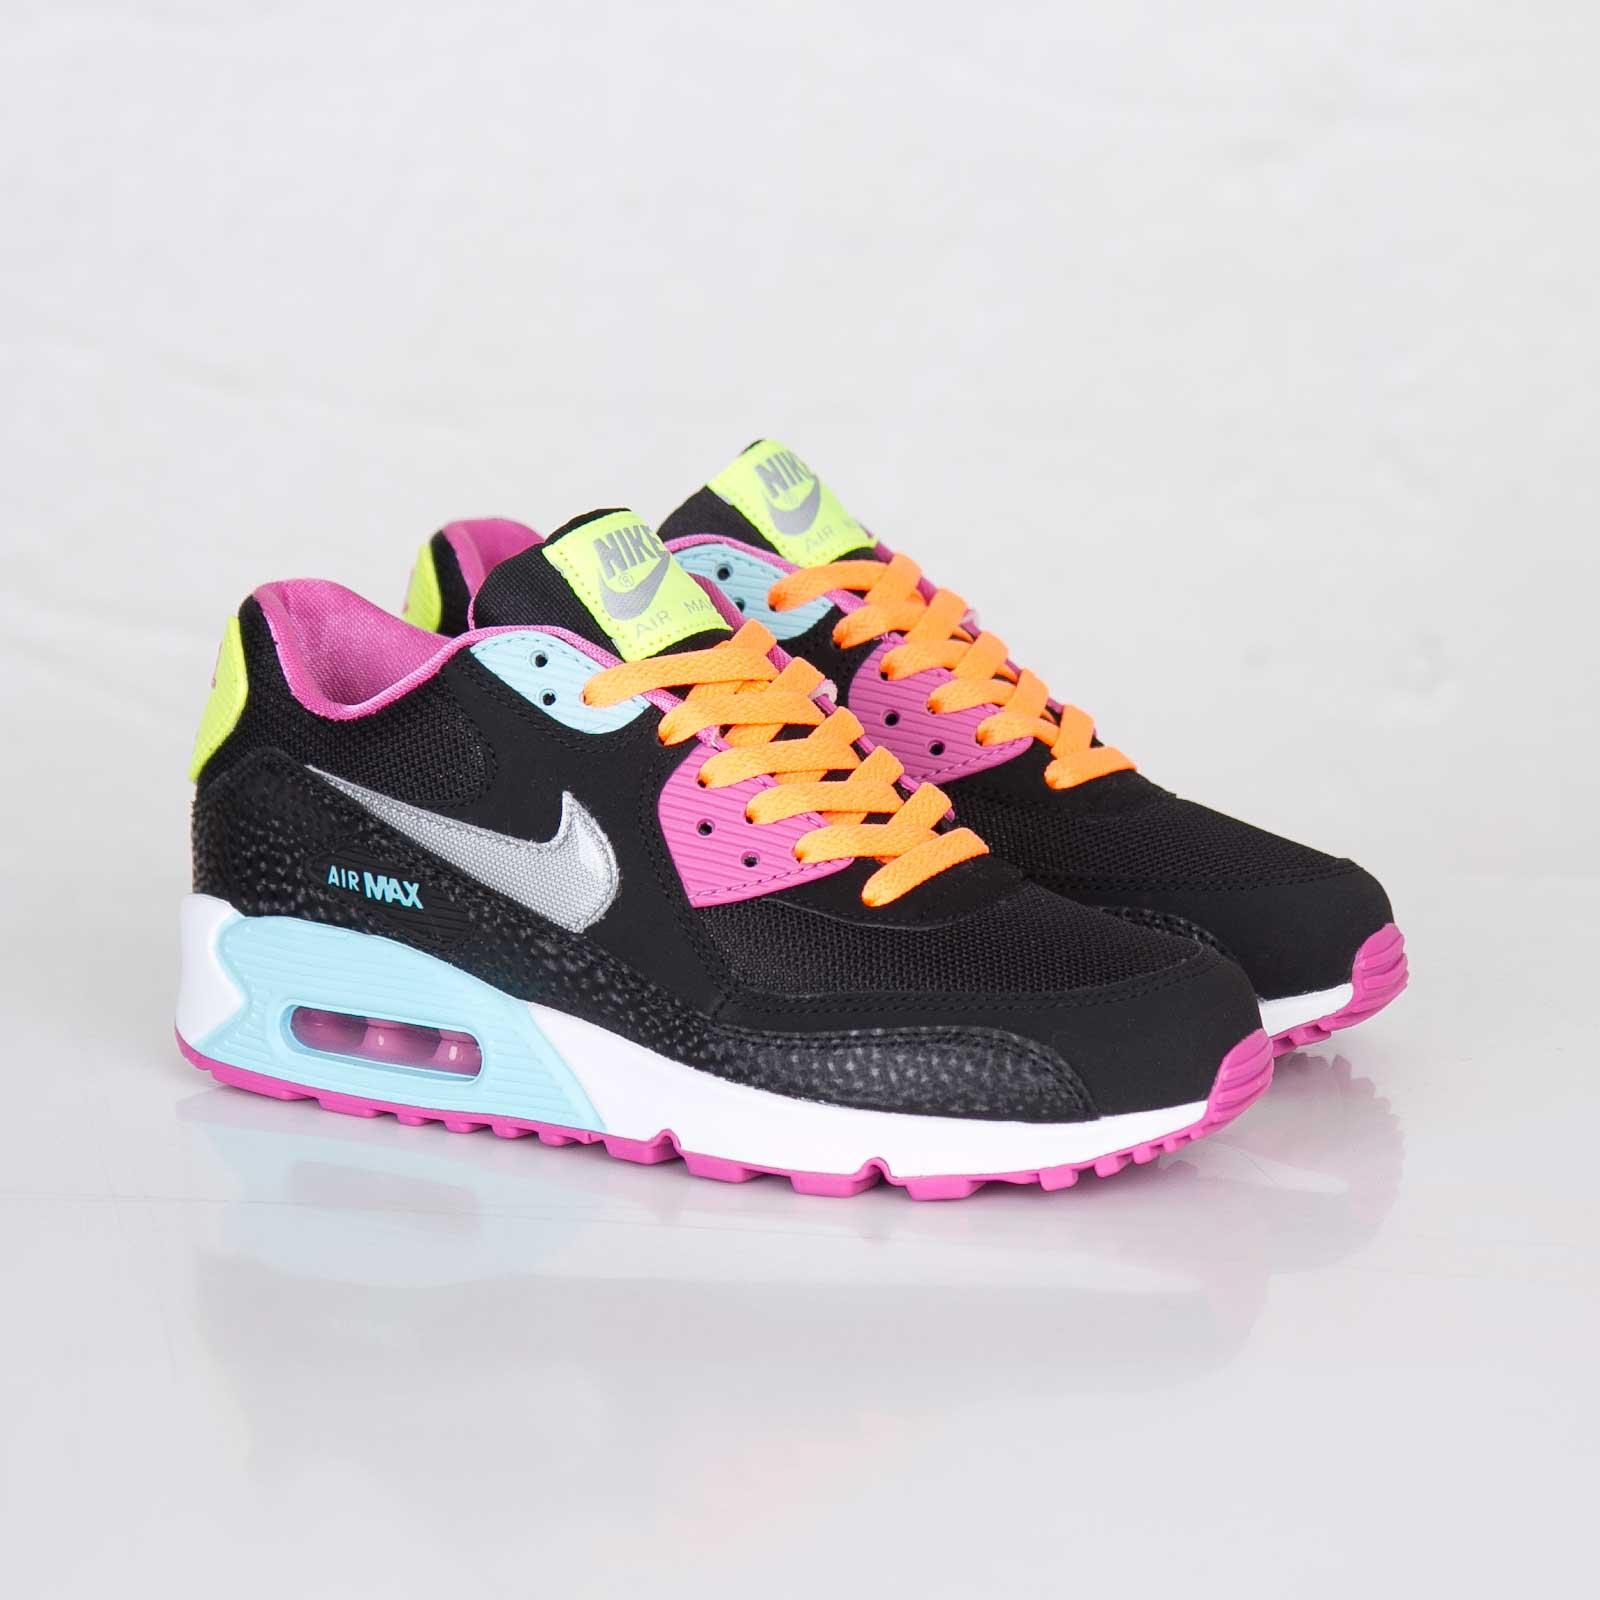 112933a7d66 ... shoes usa nike air max 90 2007 gs 8c818 e8ebc ...